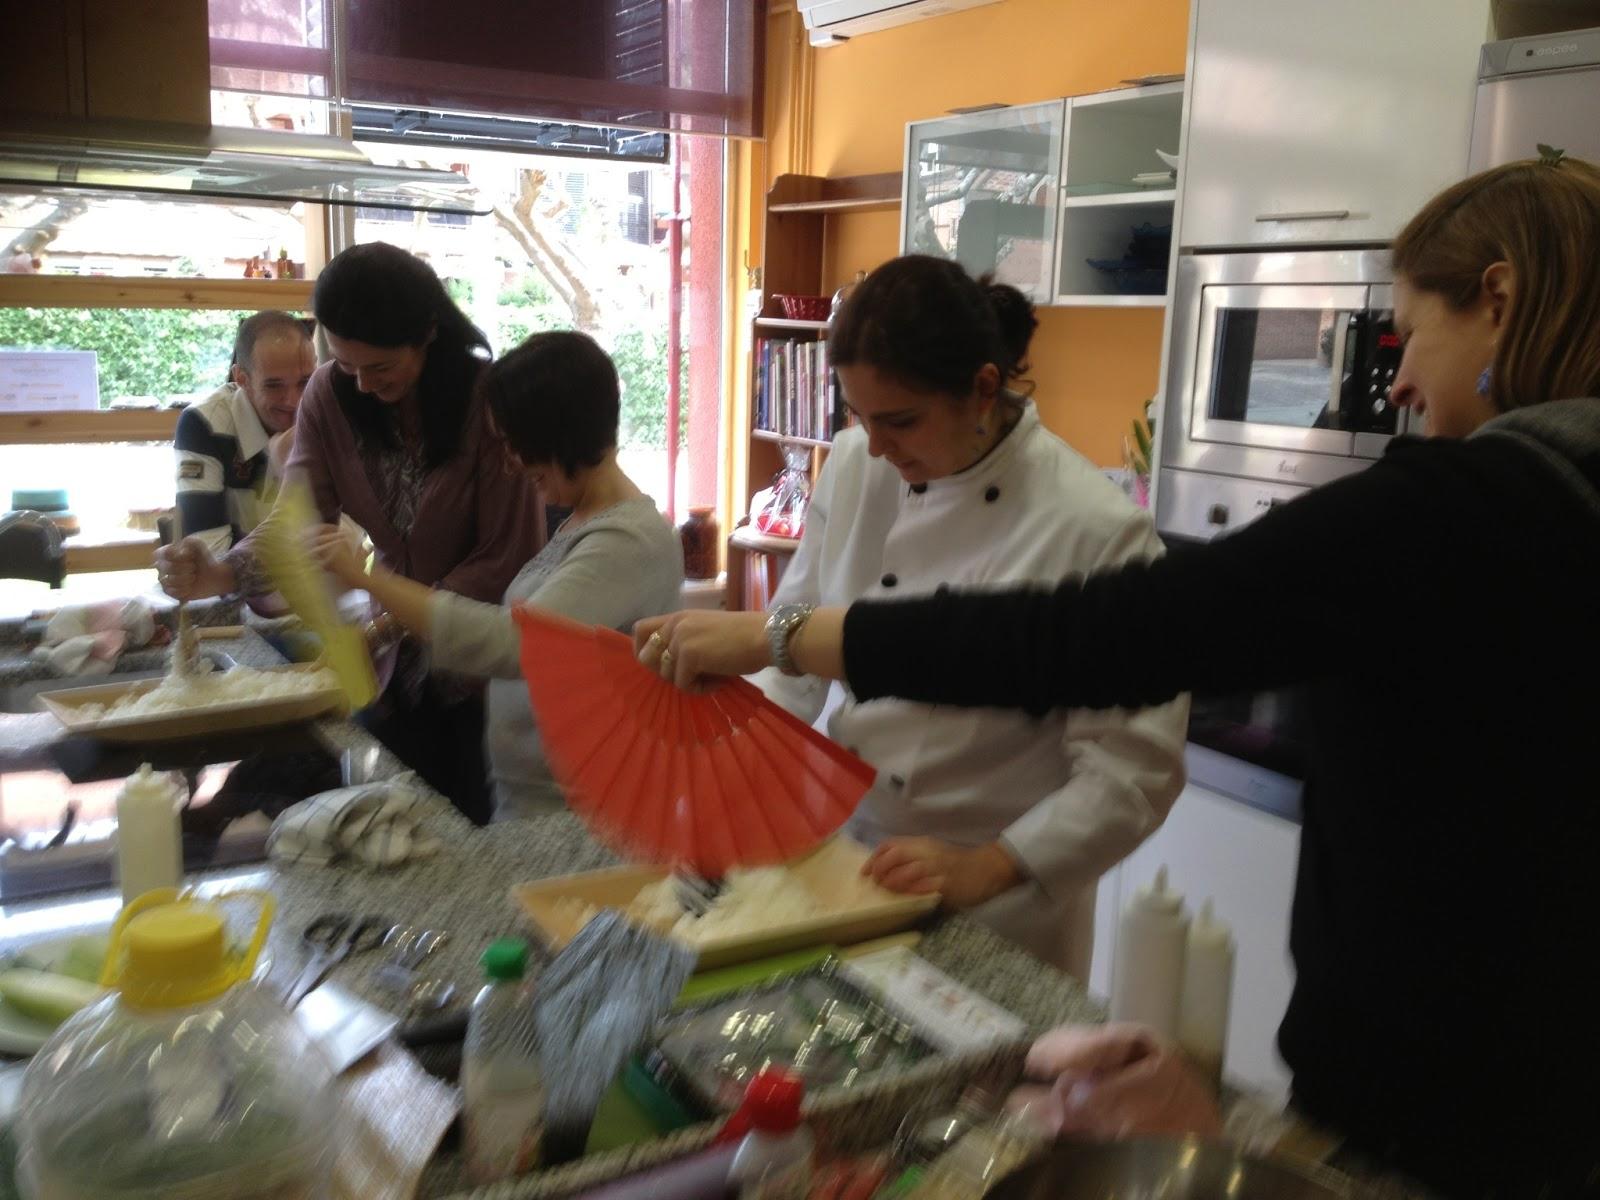 Gastronom a los naranjos febrero 2013 - Curso de cocina madrid principiantes ...